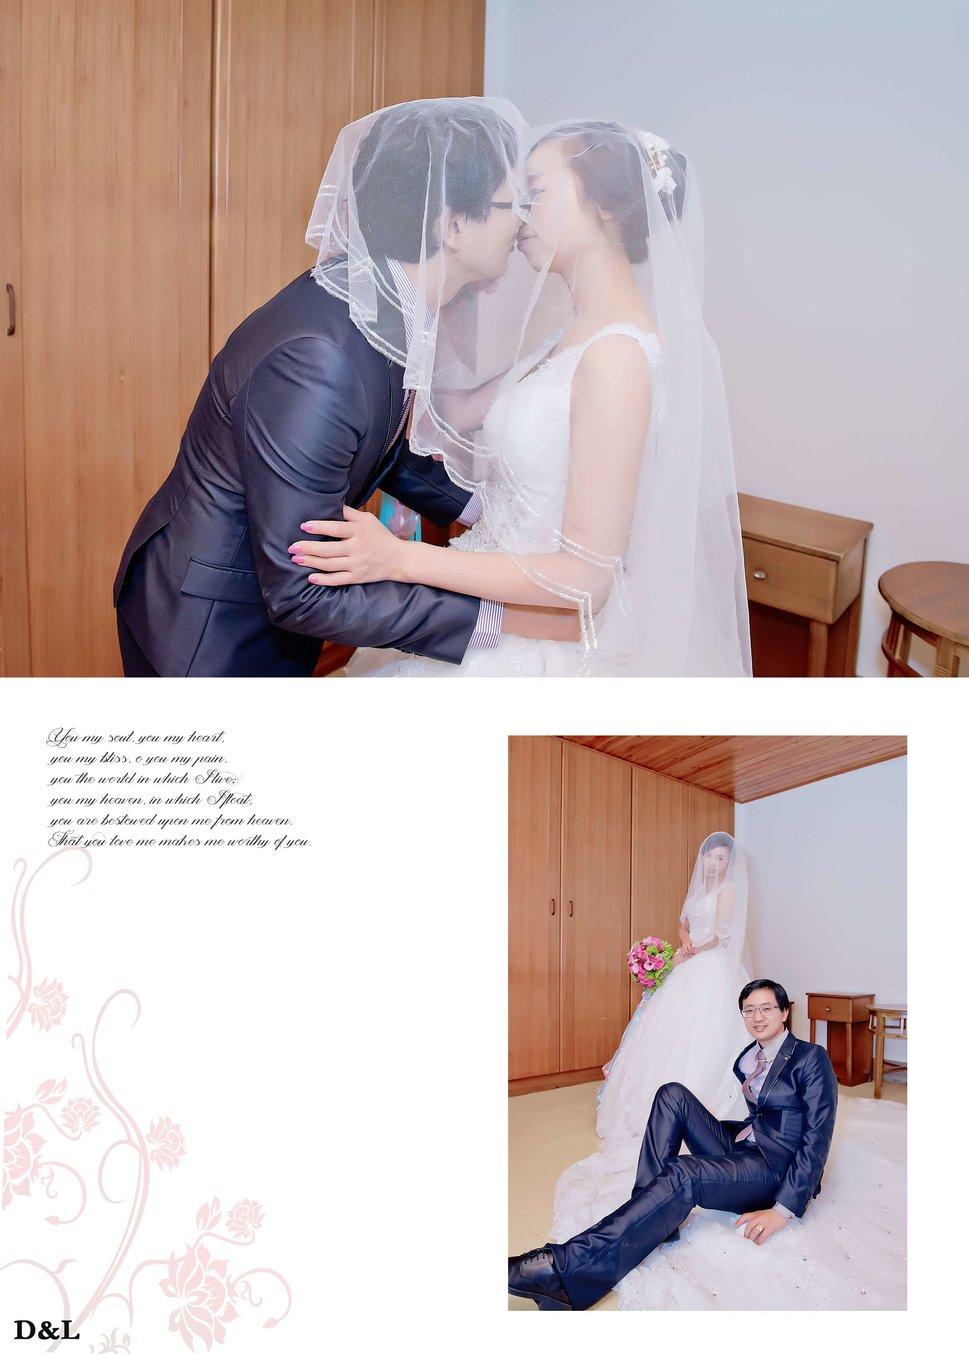 婚禮記錄 維信&佩君(編號:374403) - D&L 婚禮事務-婚禮攝影/婚紗攝影 - 結婚吧一站式婚禮服務平台